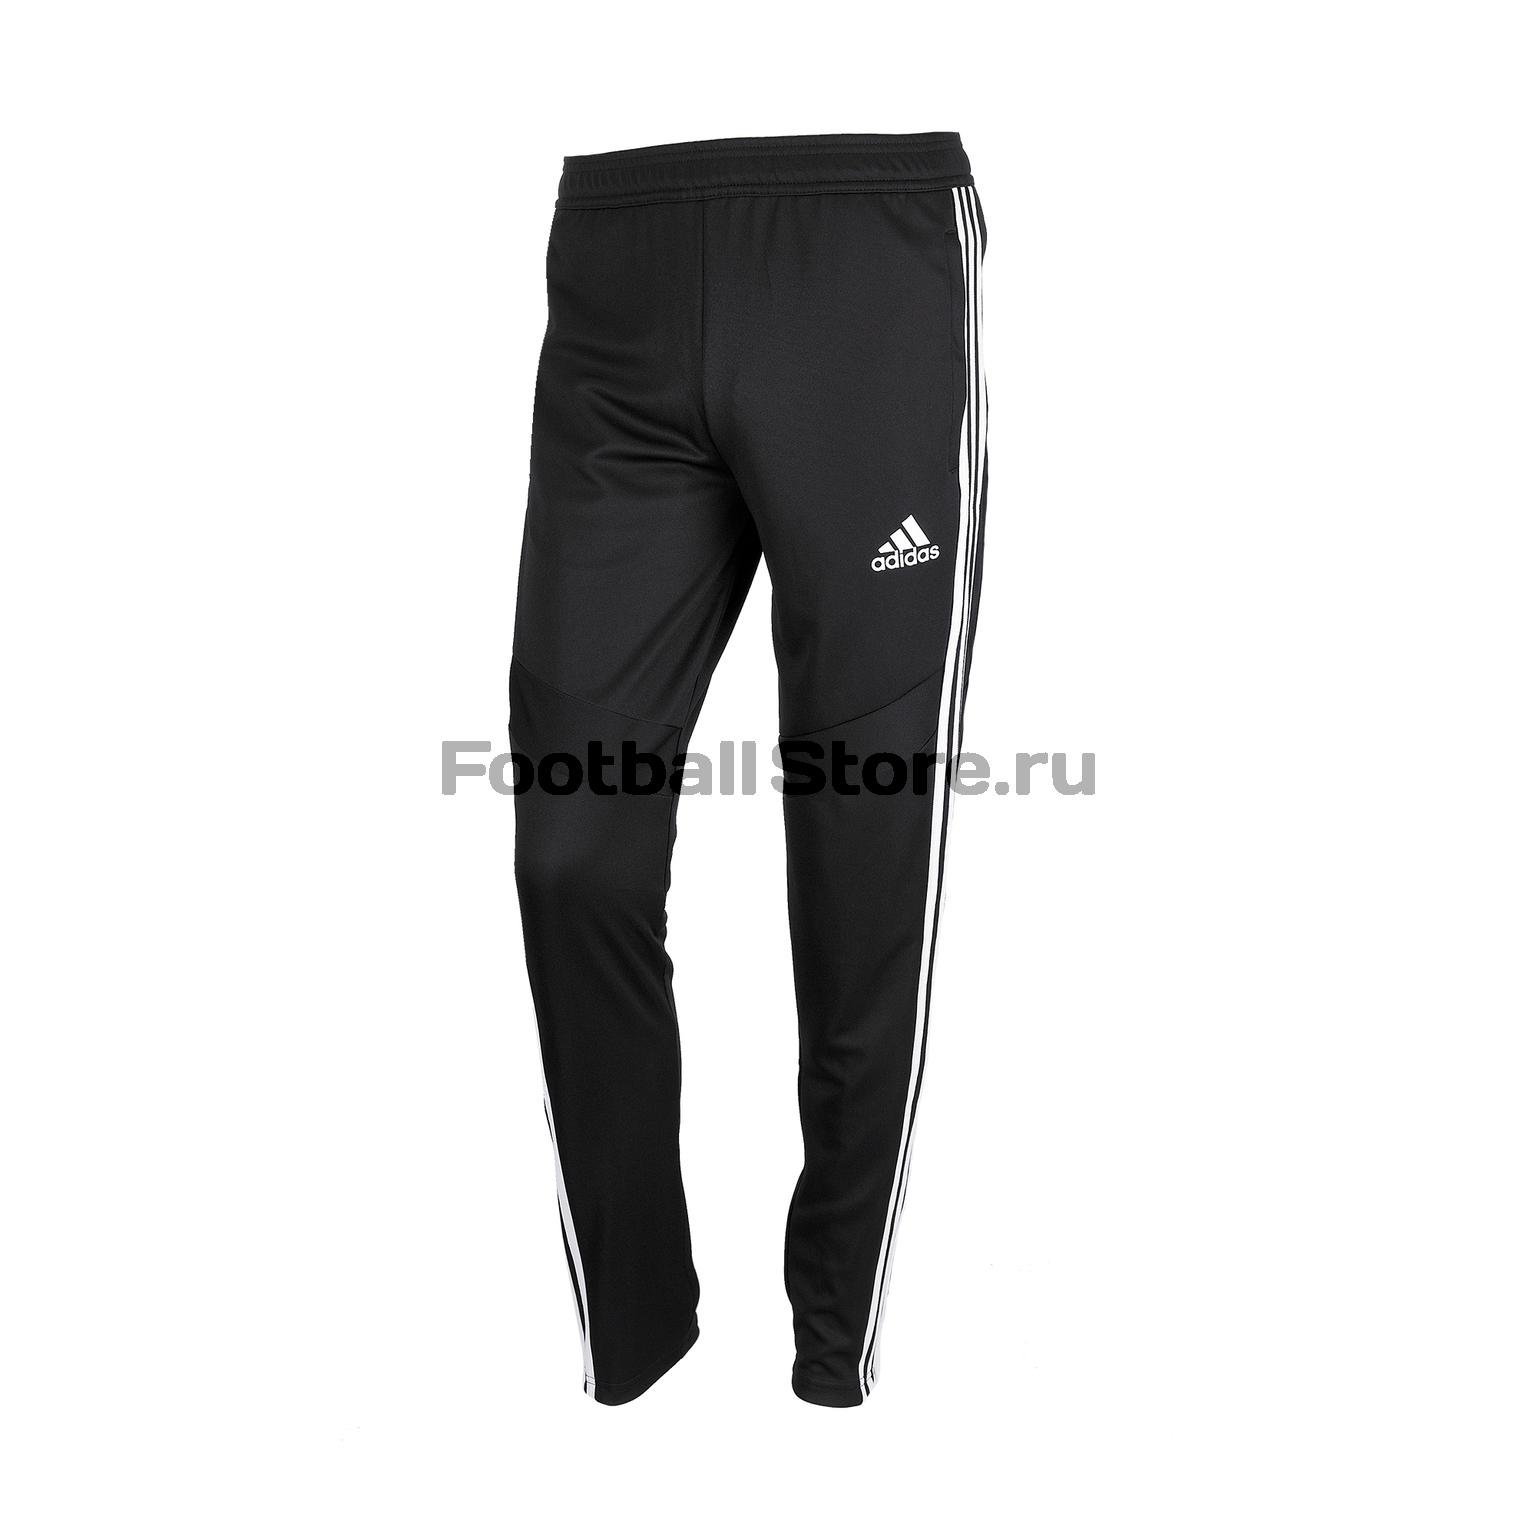 Брюки подростковые Adidas Tiro19 Pants D95961